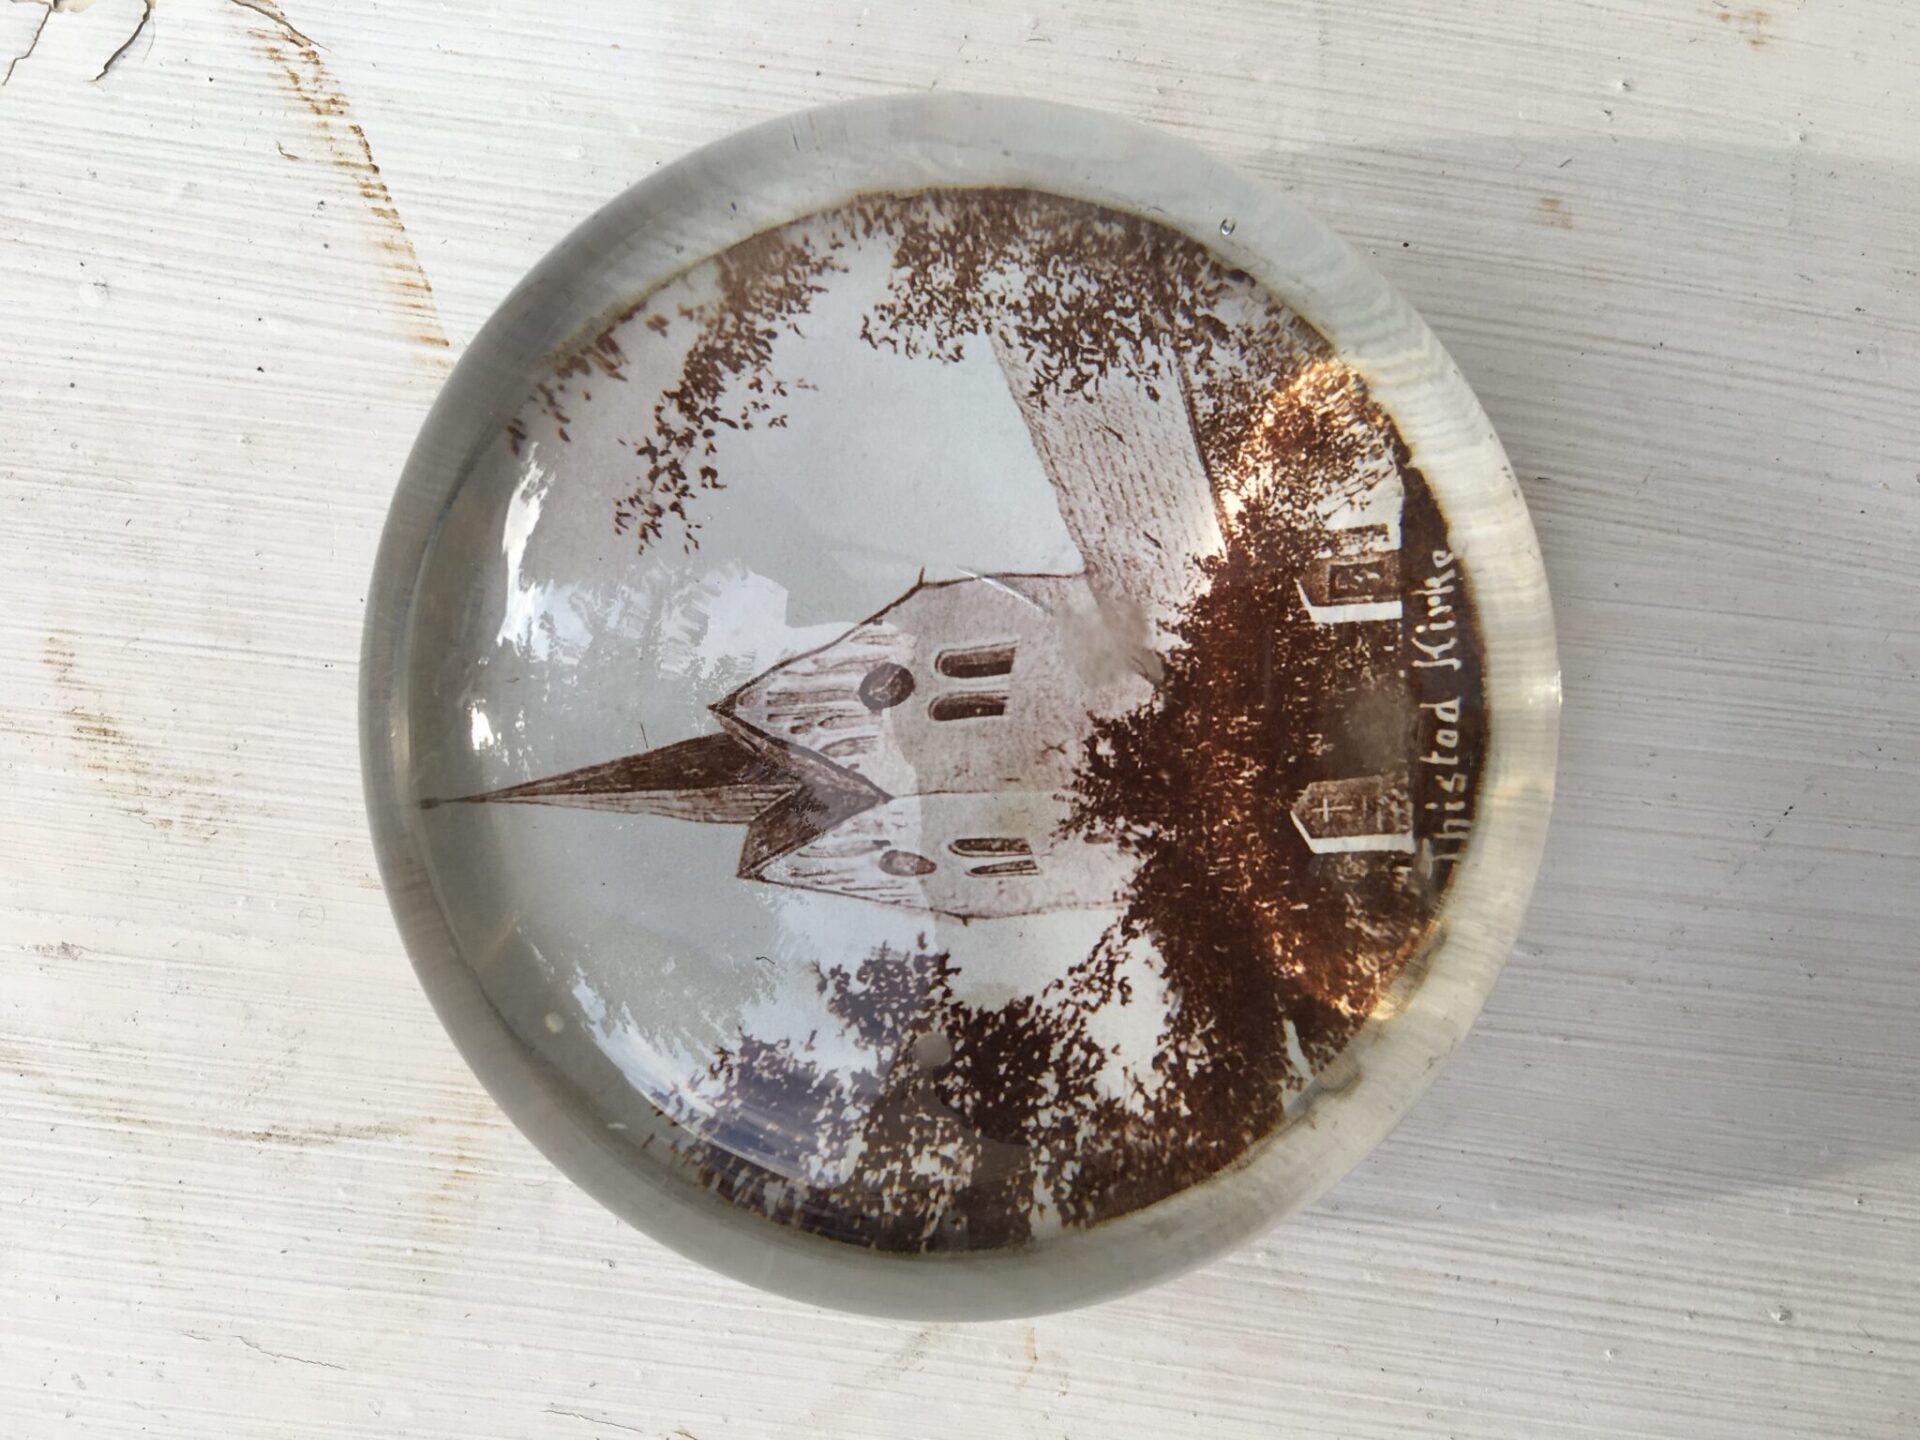 Gammel brevpresse af glas, Thisted Kirke, pris 150 kr